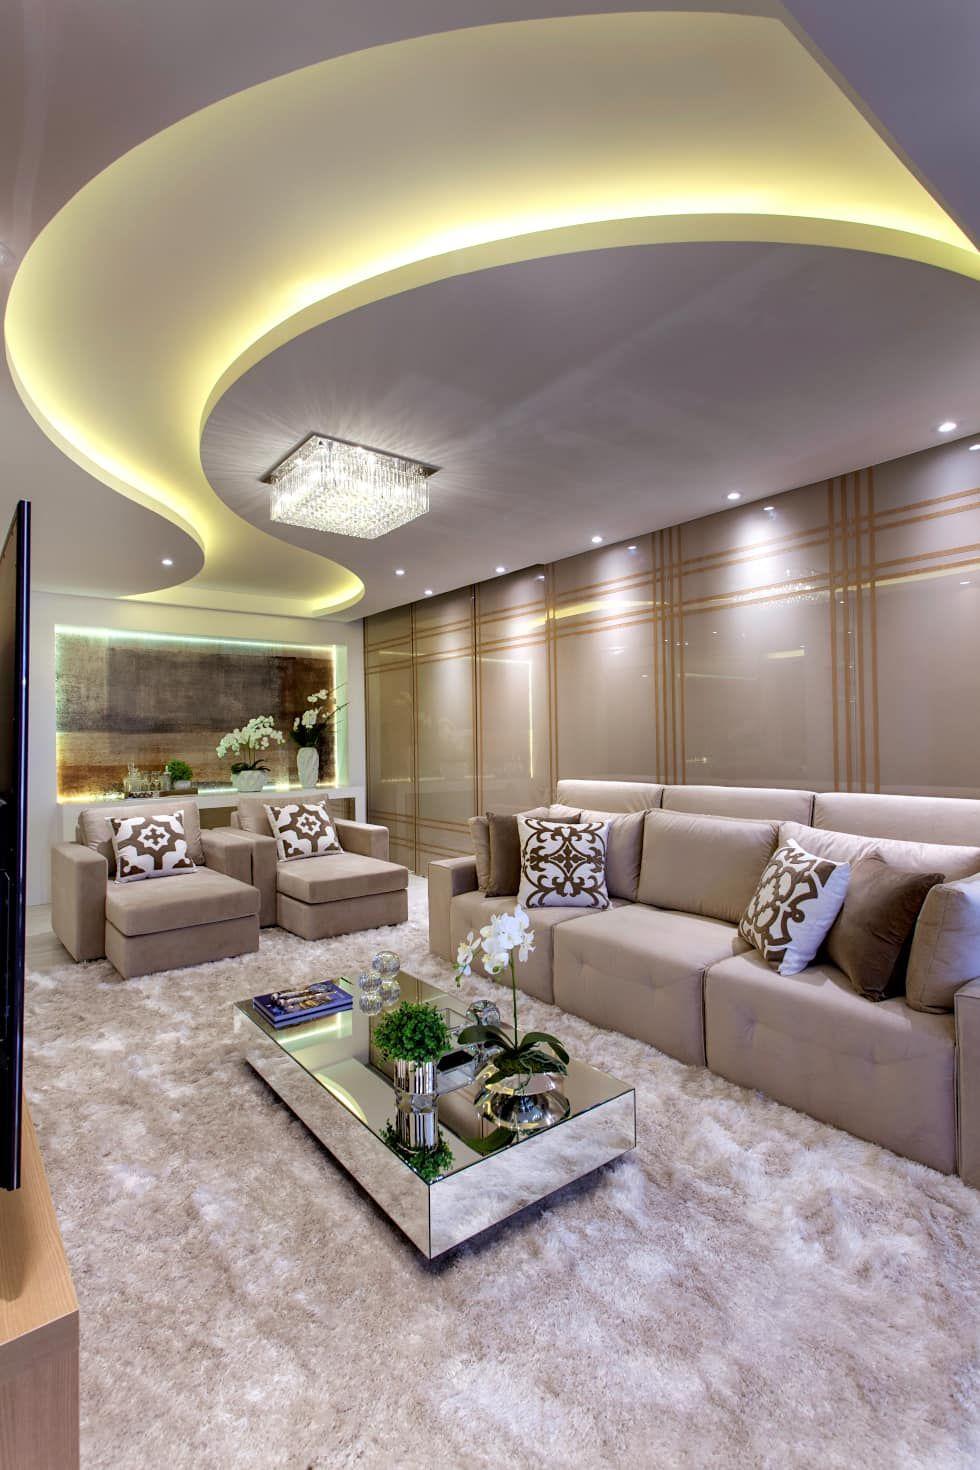 Internal Design For Home - valoblogi.com